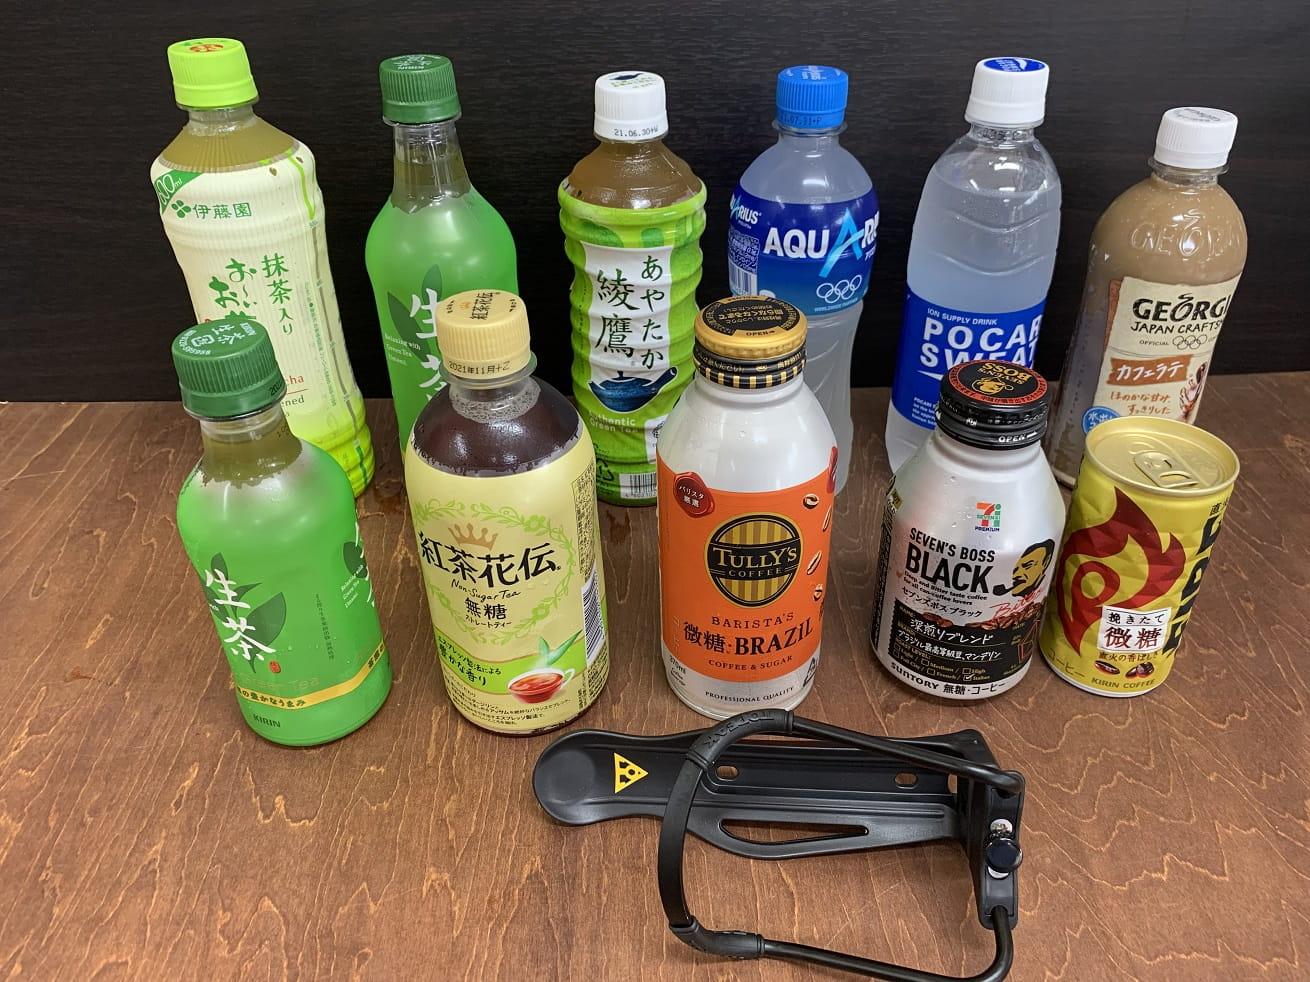 自転車用ボトルケージTOPEKモジュラーケージⅡと各種飲料ボトル